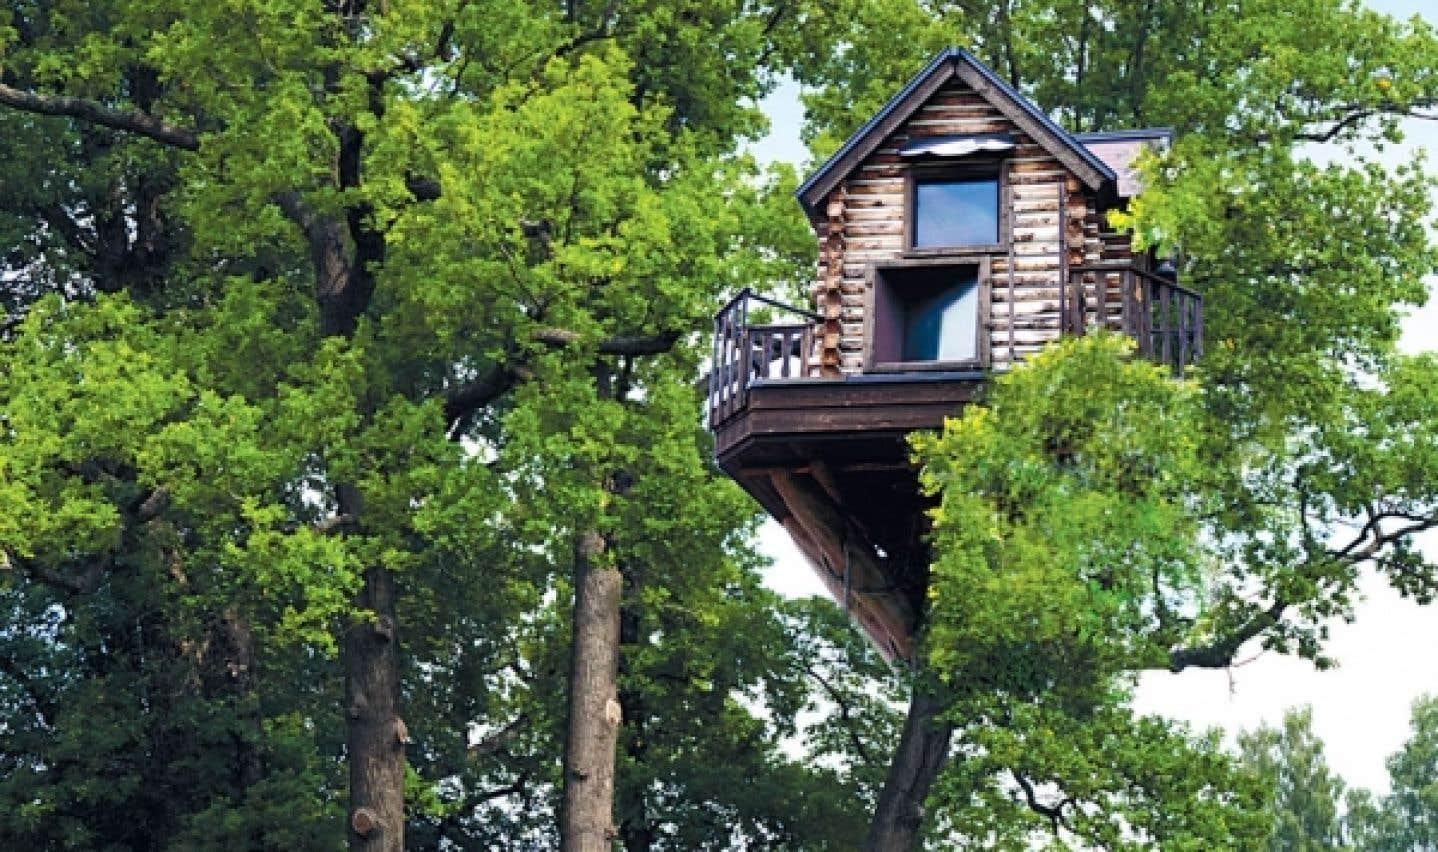 Au Salon chalets et maisons de campagne, on pourra visiter une cabane construite dans les arbres par une entreprise des Laurentides, Vivre perché.